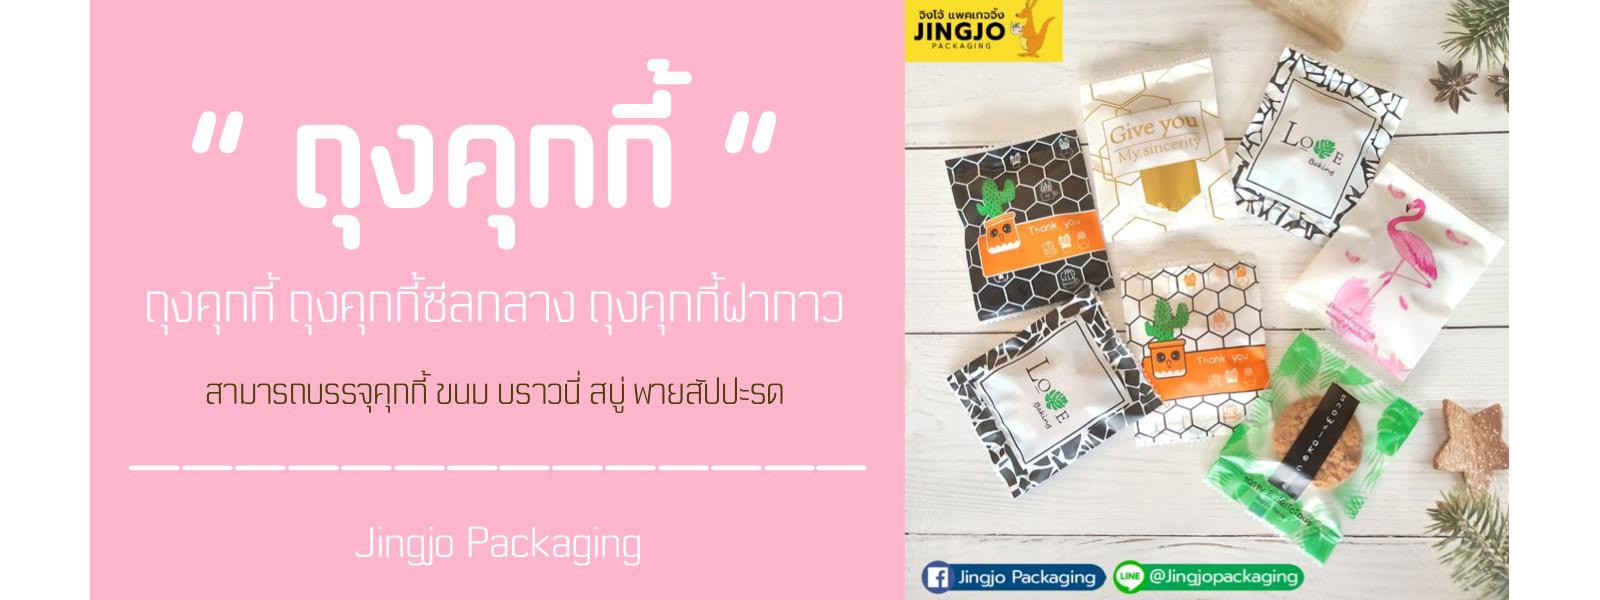 หน้าปกถุงคุกกี้-จิงโจ้